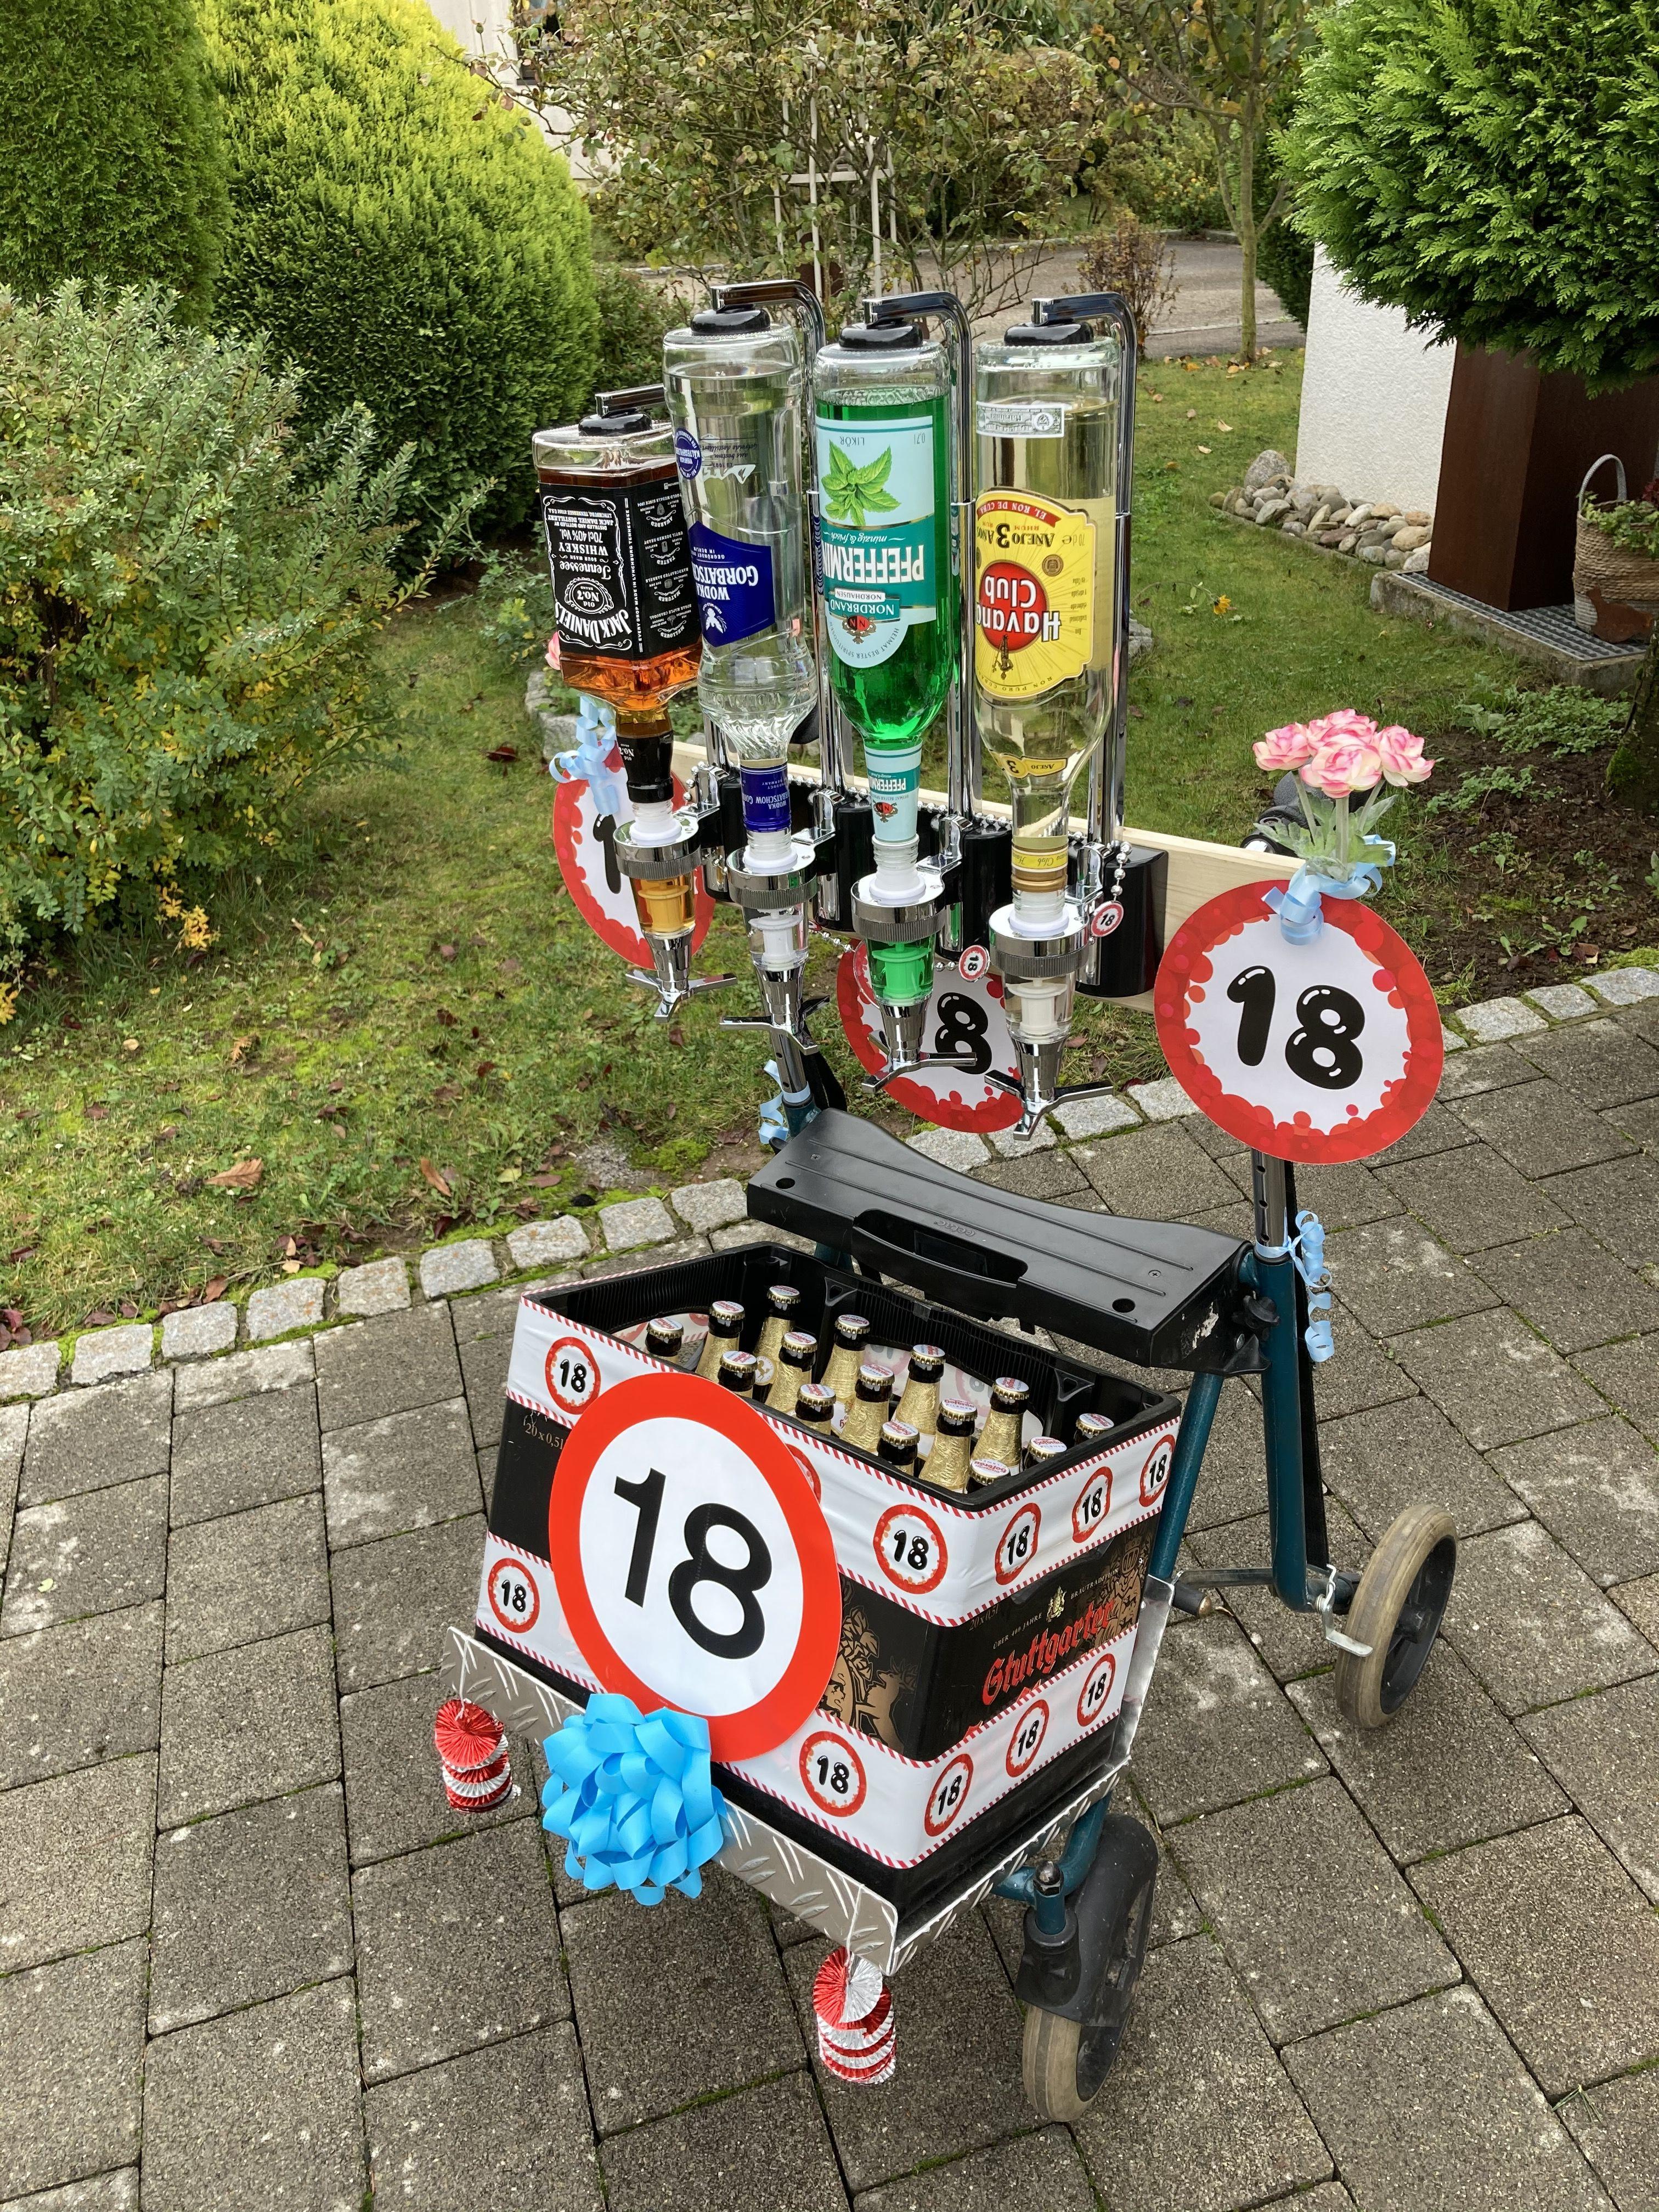 18 Geburtstag Alkohol Rollator Alkohol Geschenkt Lustige Geburtstagsgeschenke Geburtstagsgeschenk Alkohol 18 Geburtstag Geschenk